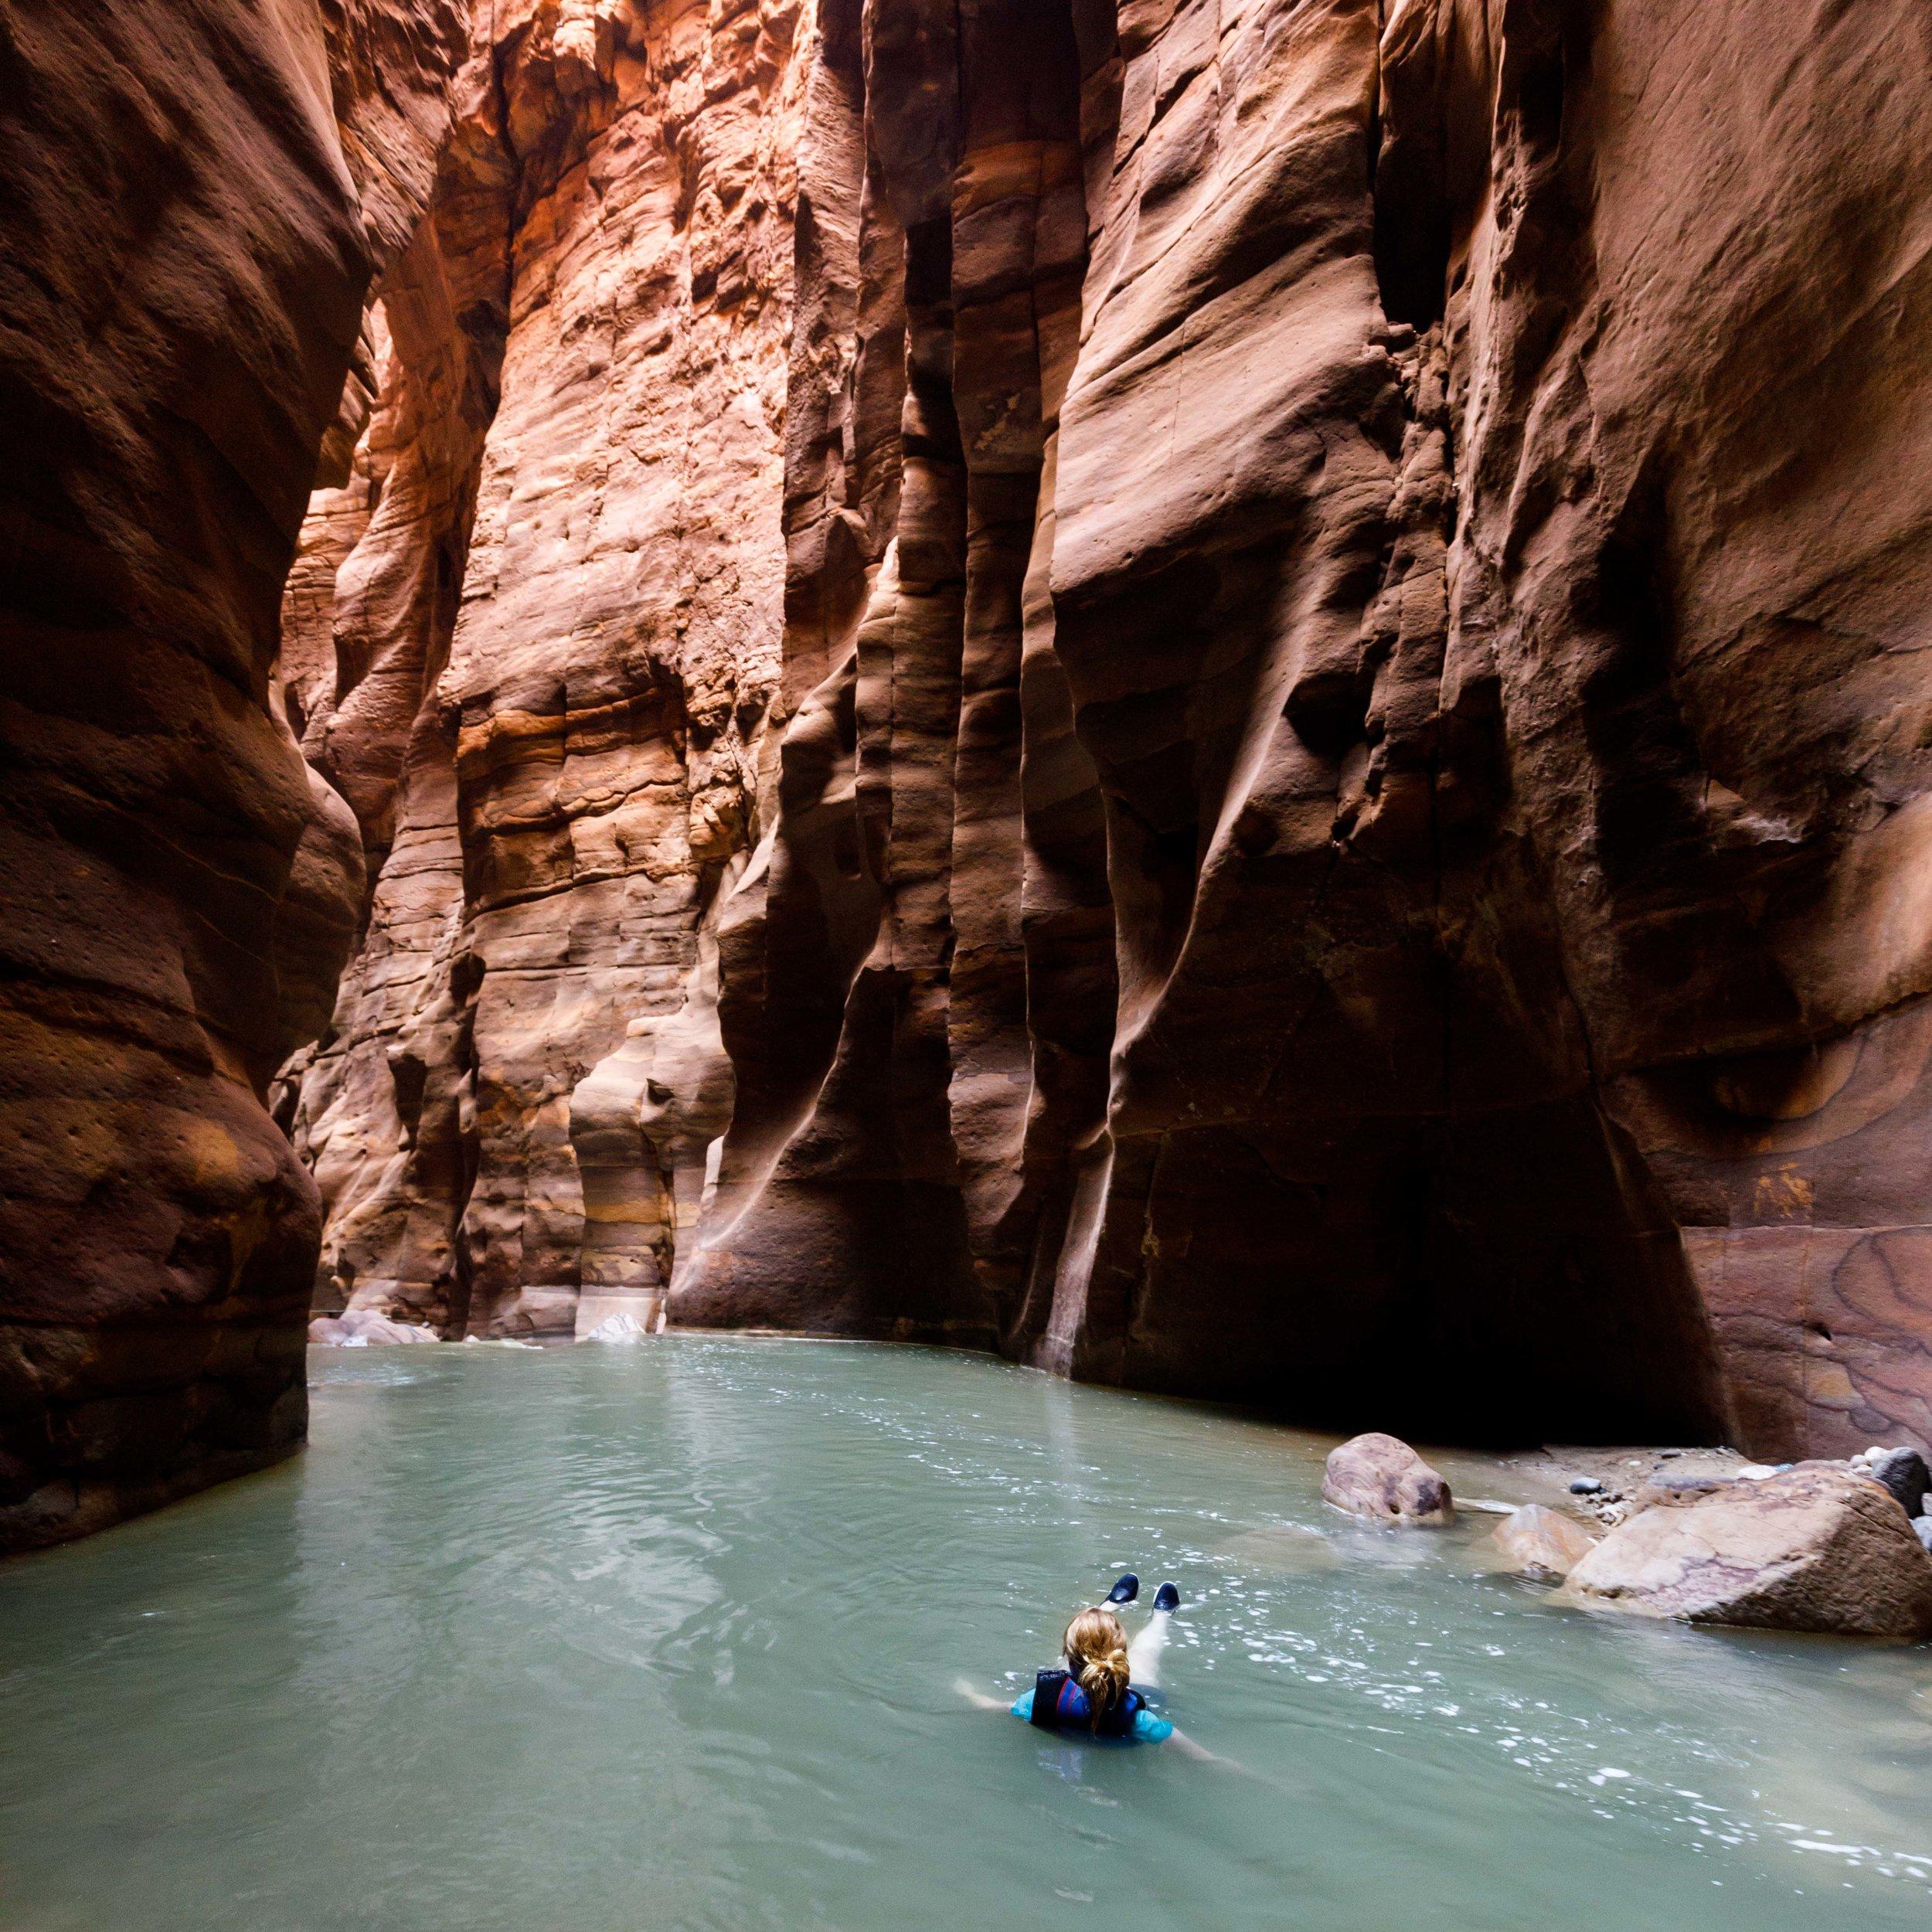 Wadi Mujib Opening times: Wadi Mujib